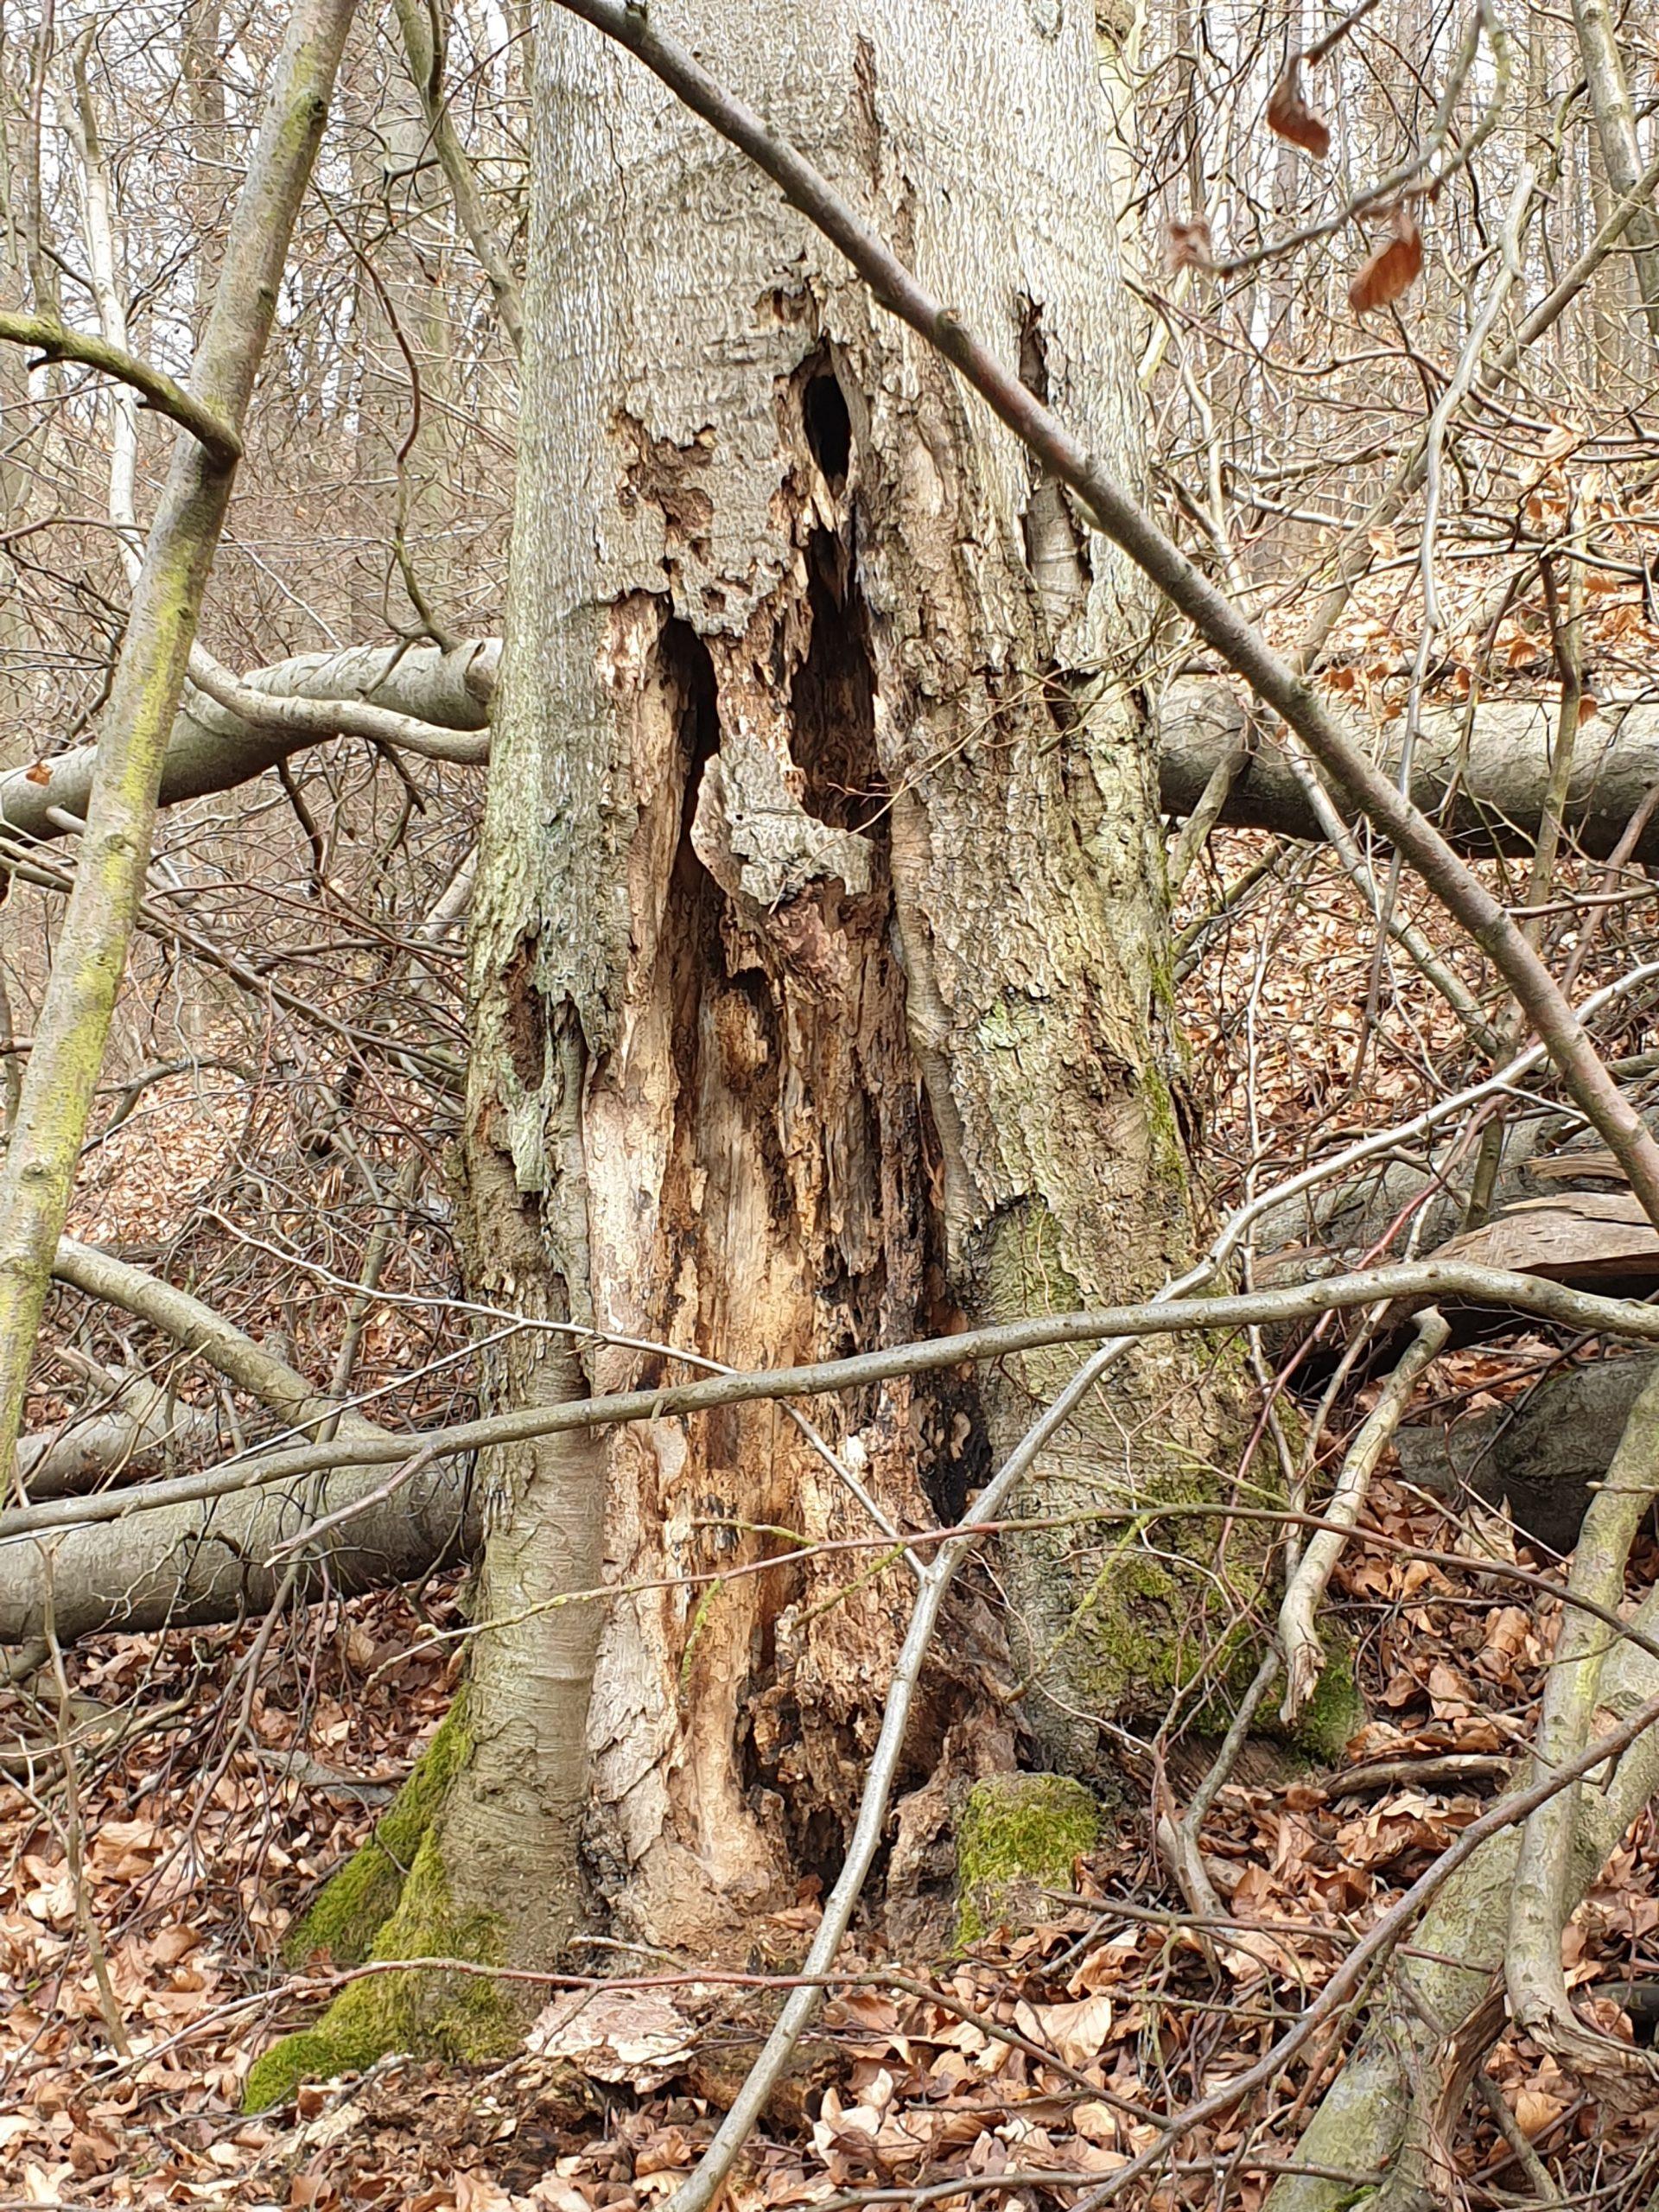 Das Bild zeigt einen abgestorbenen Baum